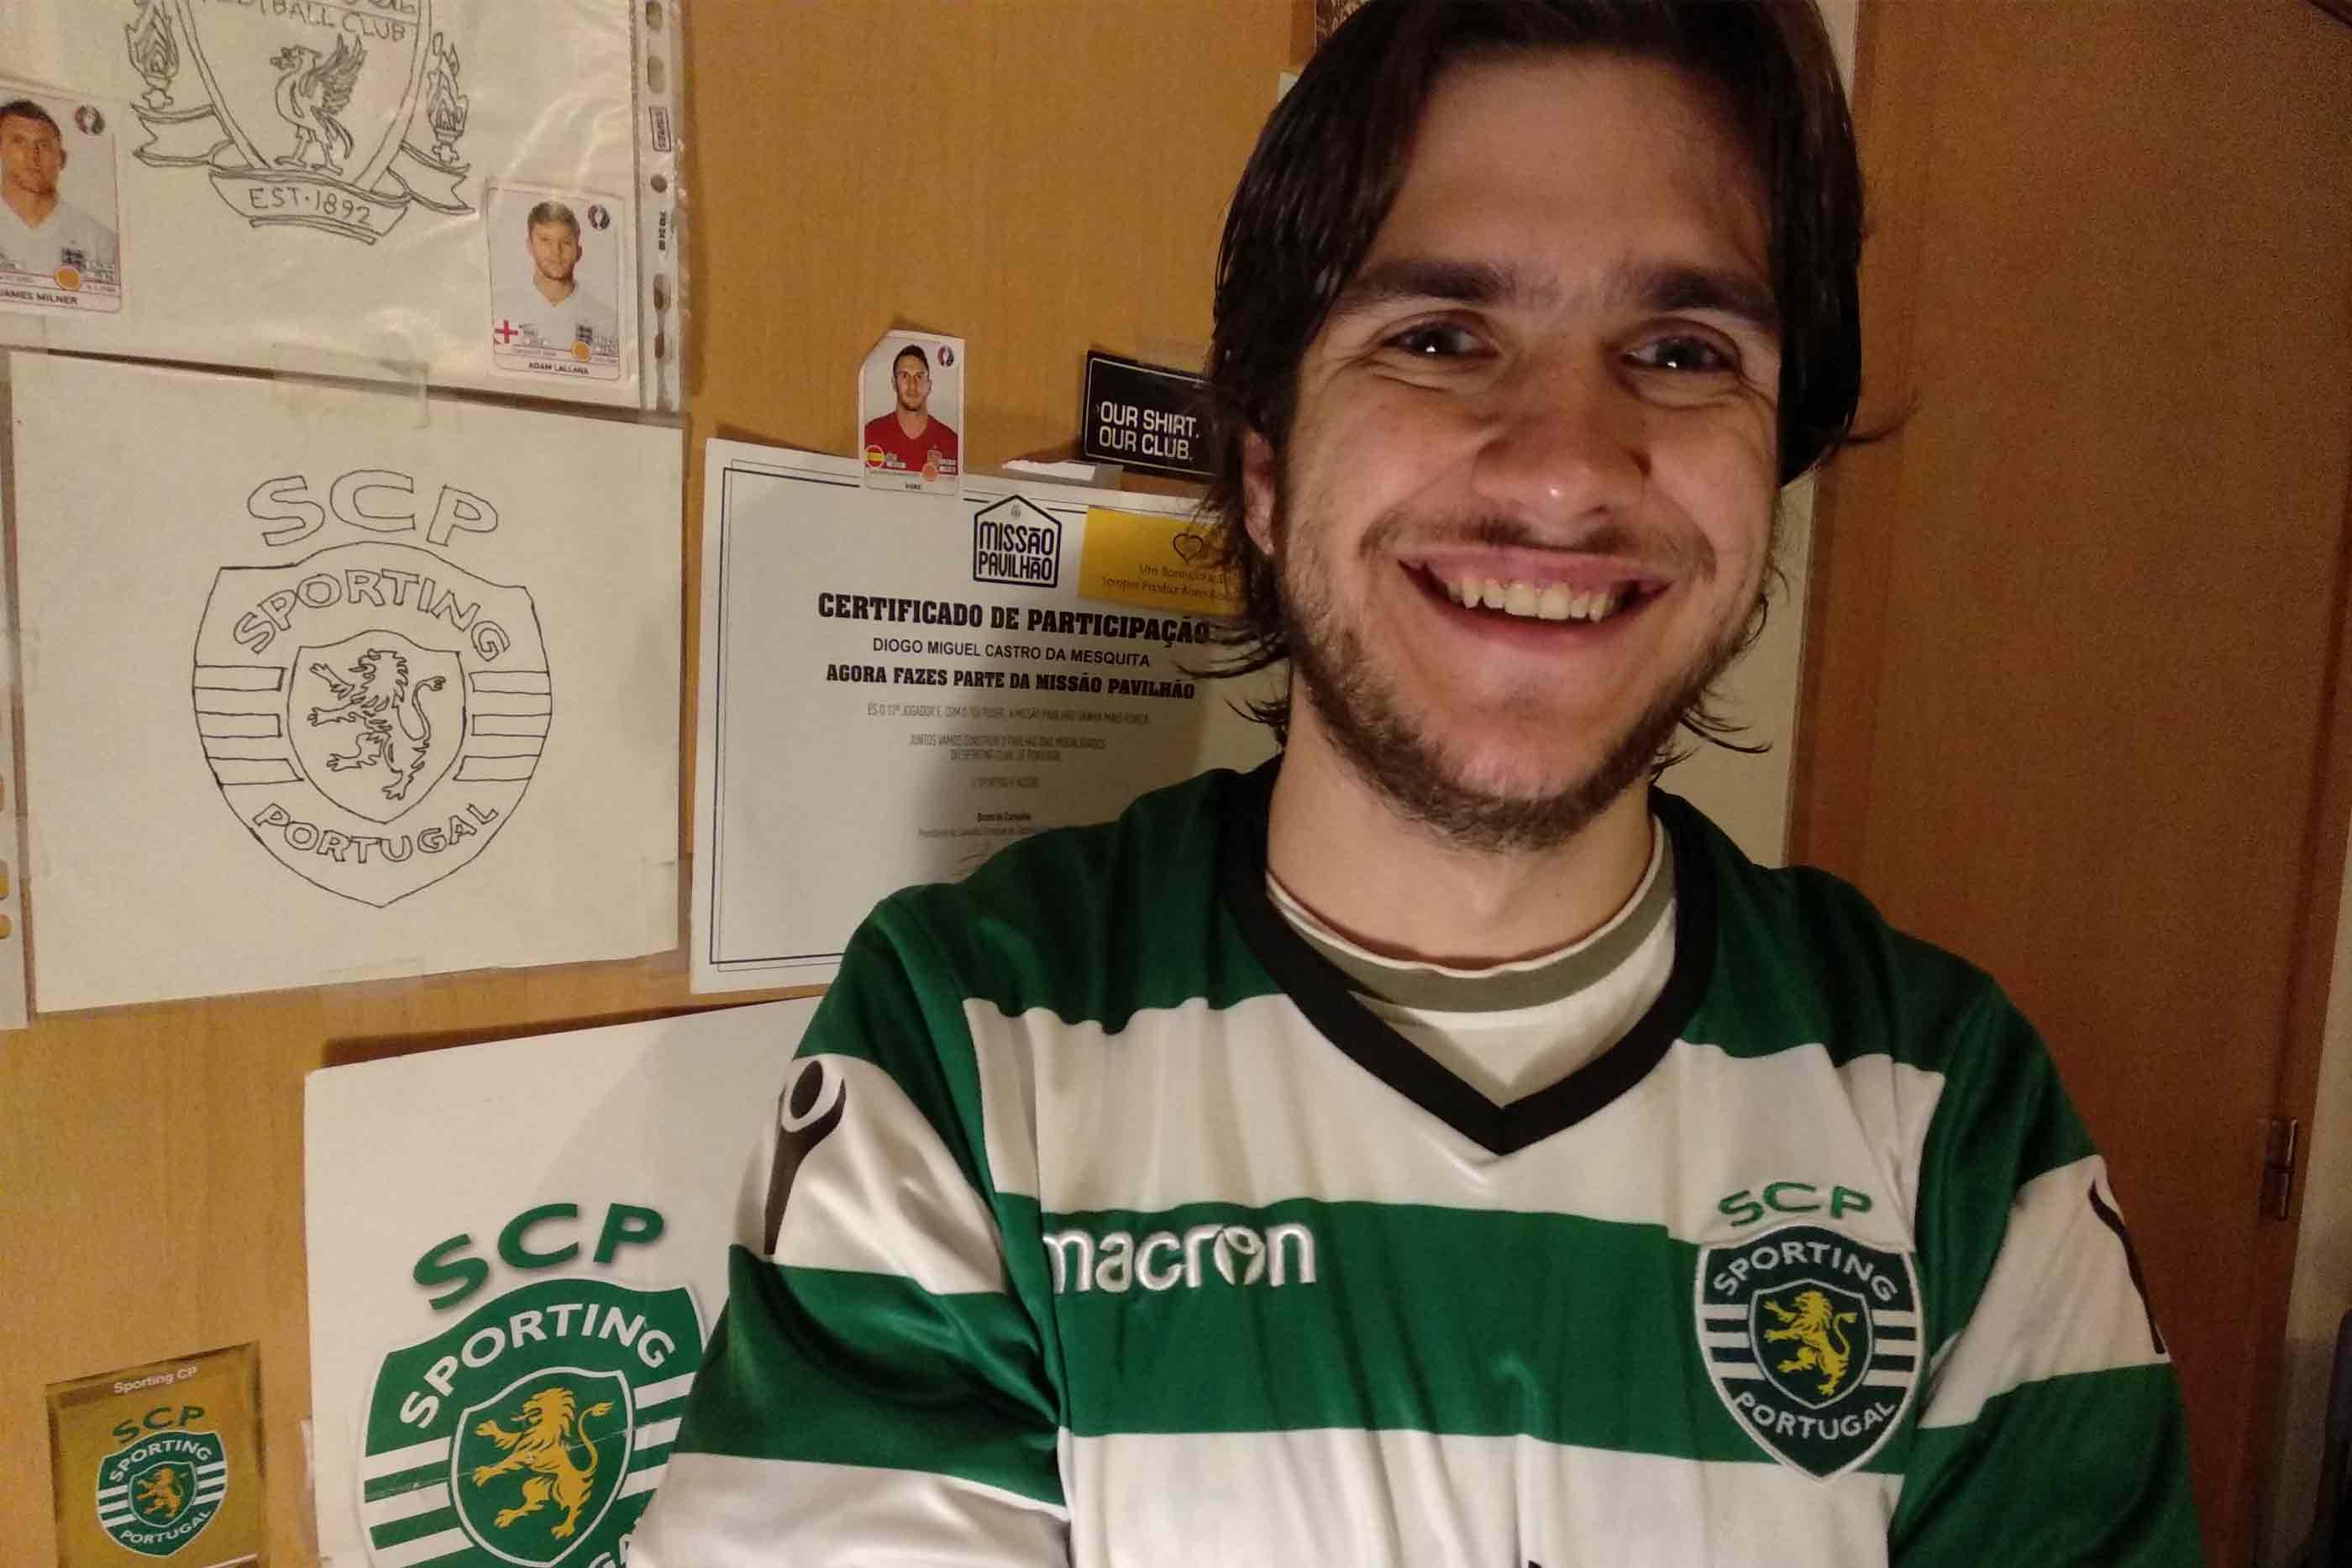 Filipe Mesquita, sportinguista e assinante da Sport TV, junto à porta do seu roupeiro decorado com inúmeras lembranças de futebol